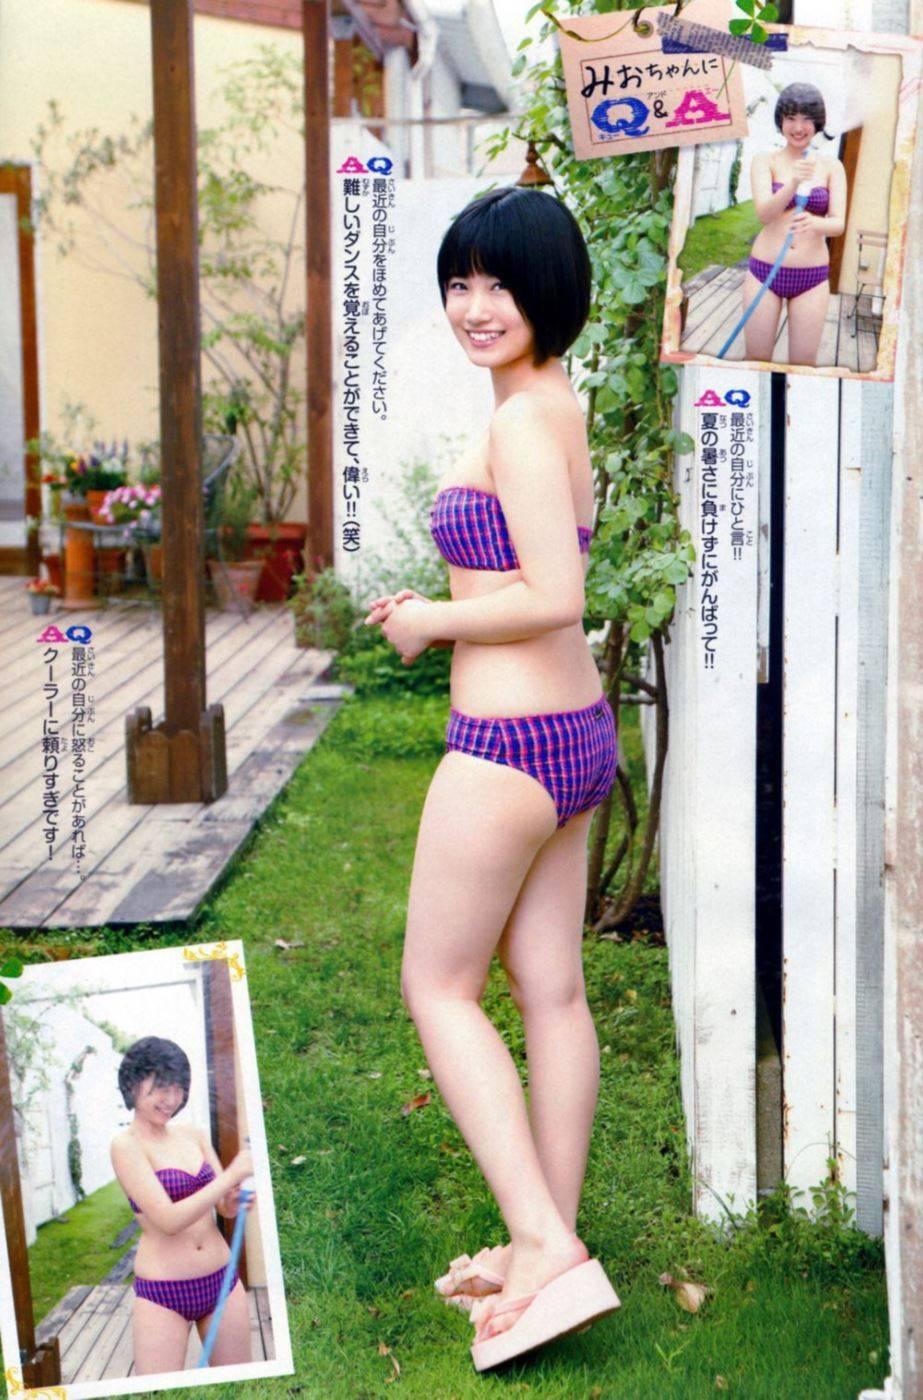 朝長美桜 画像 65